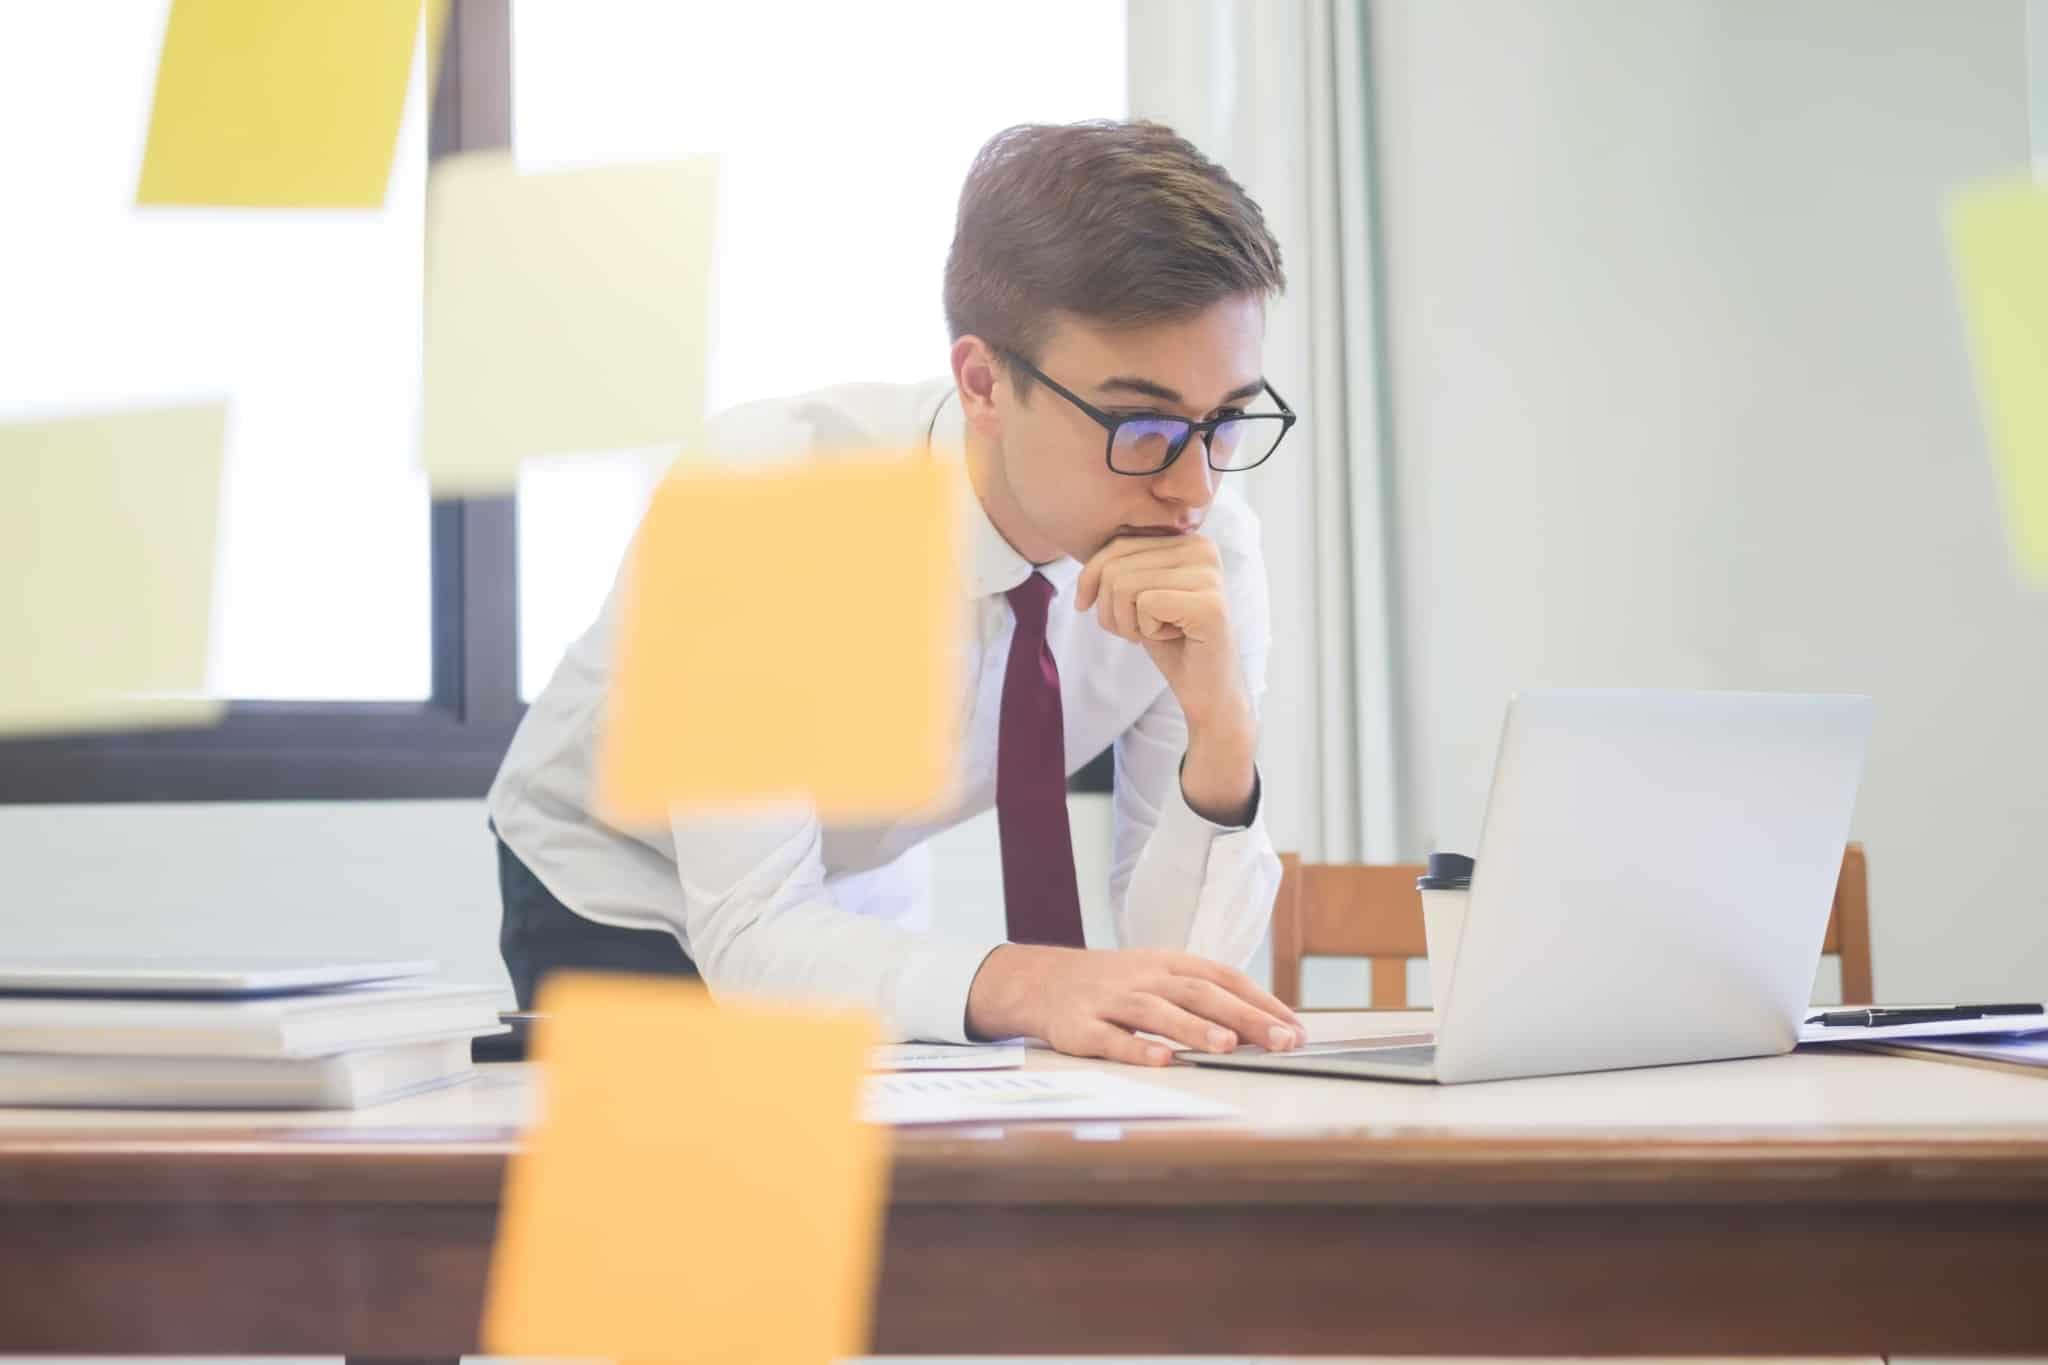 jovem de gravata e com óculos analisa no computador